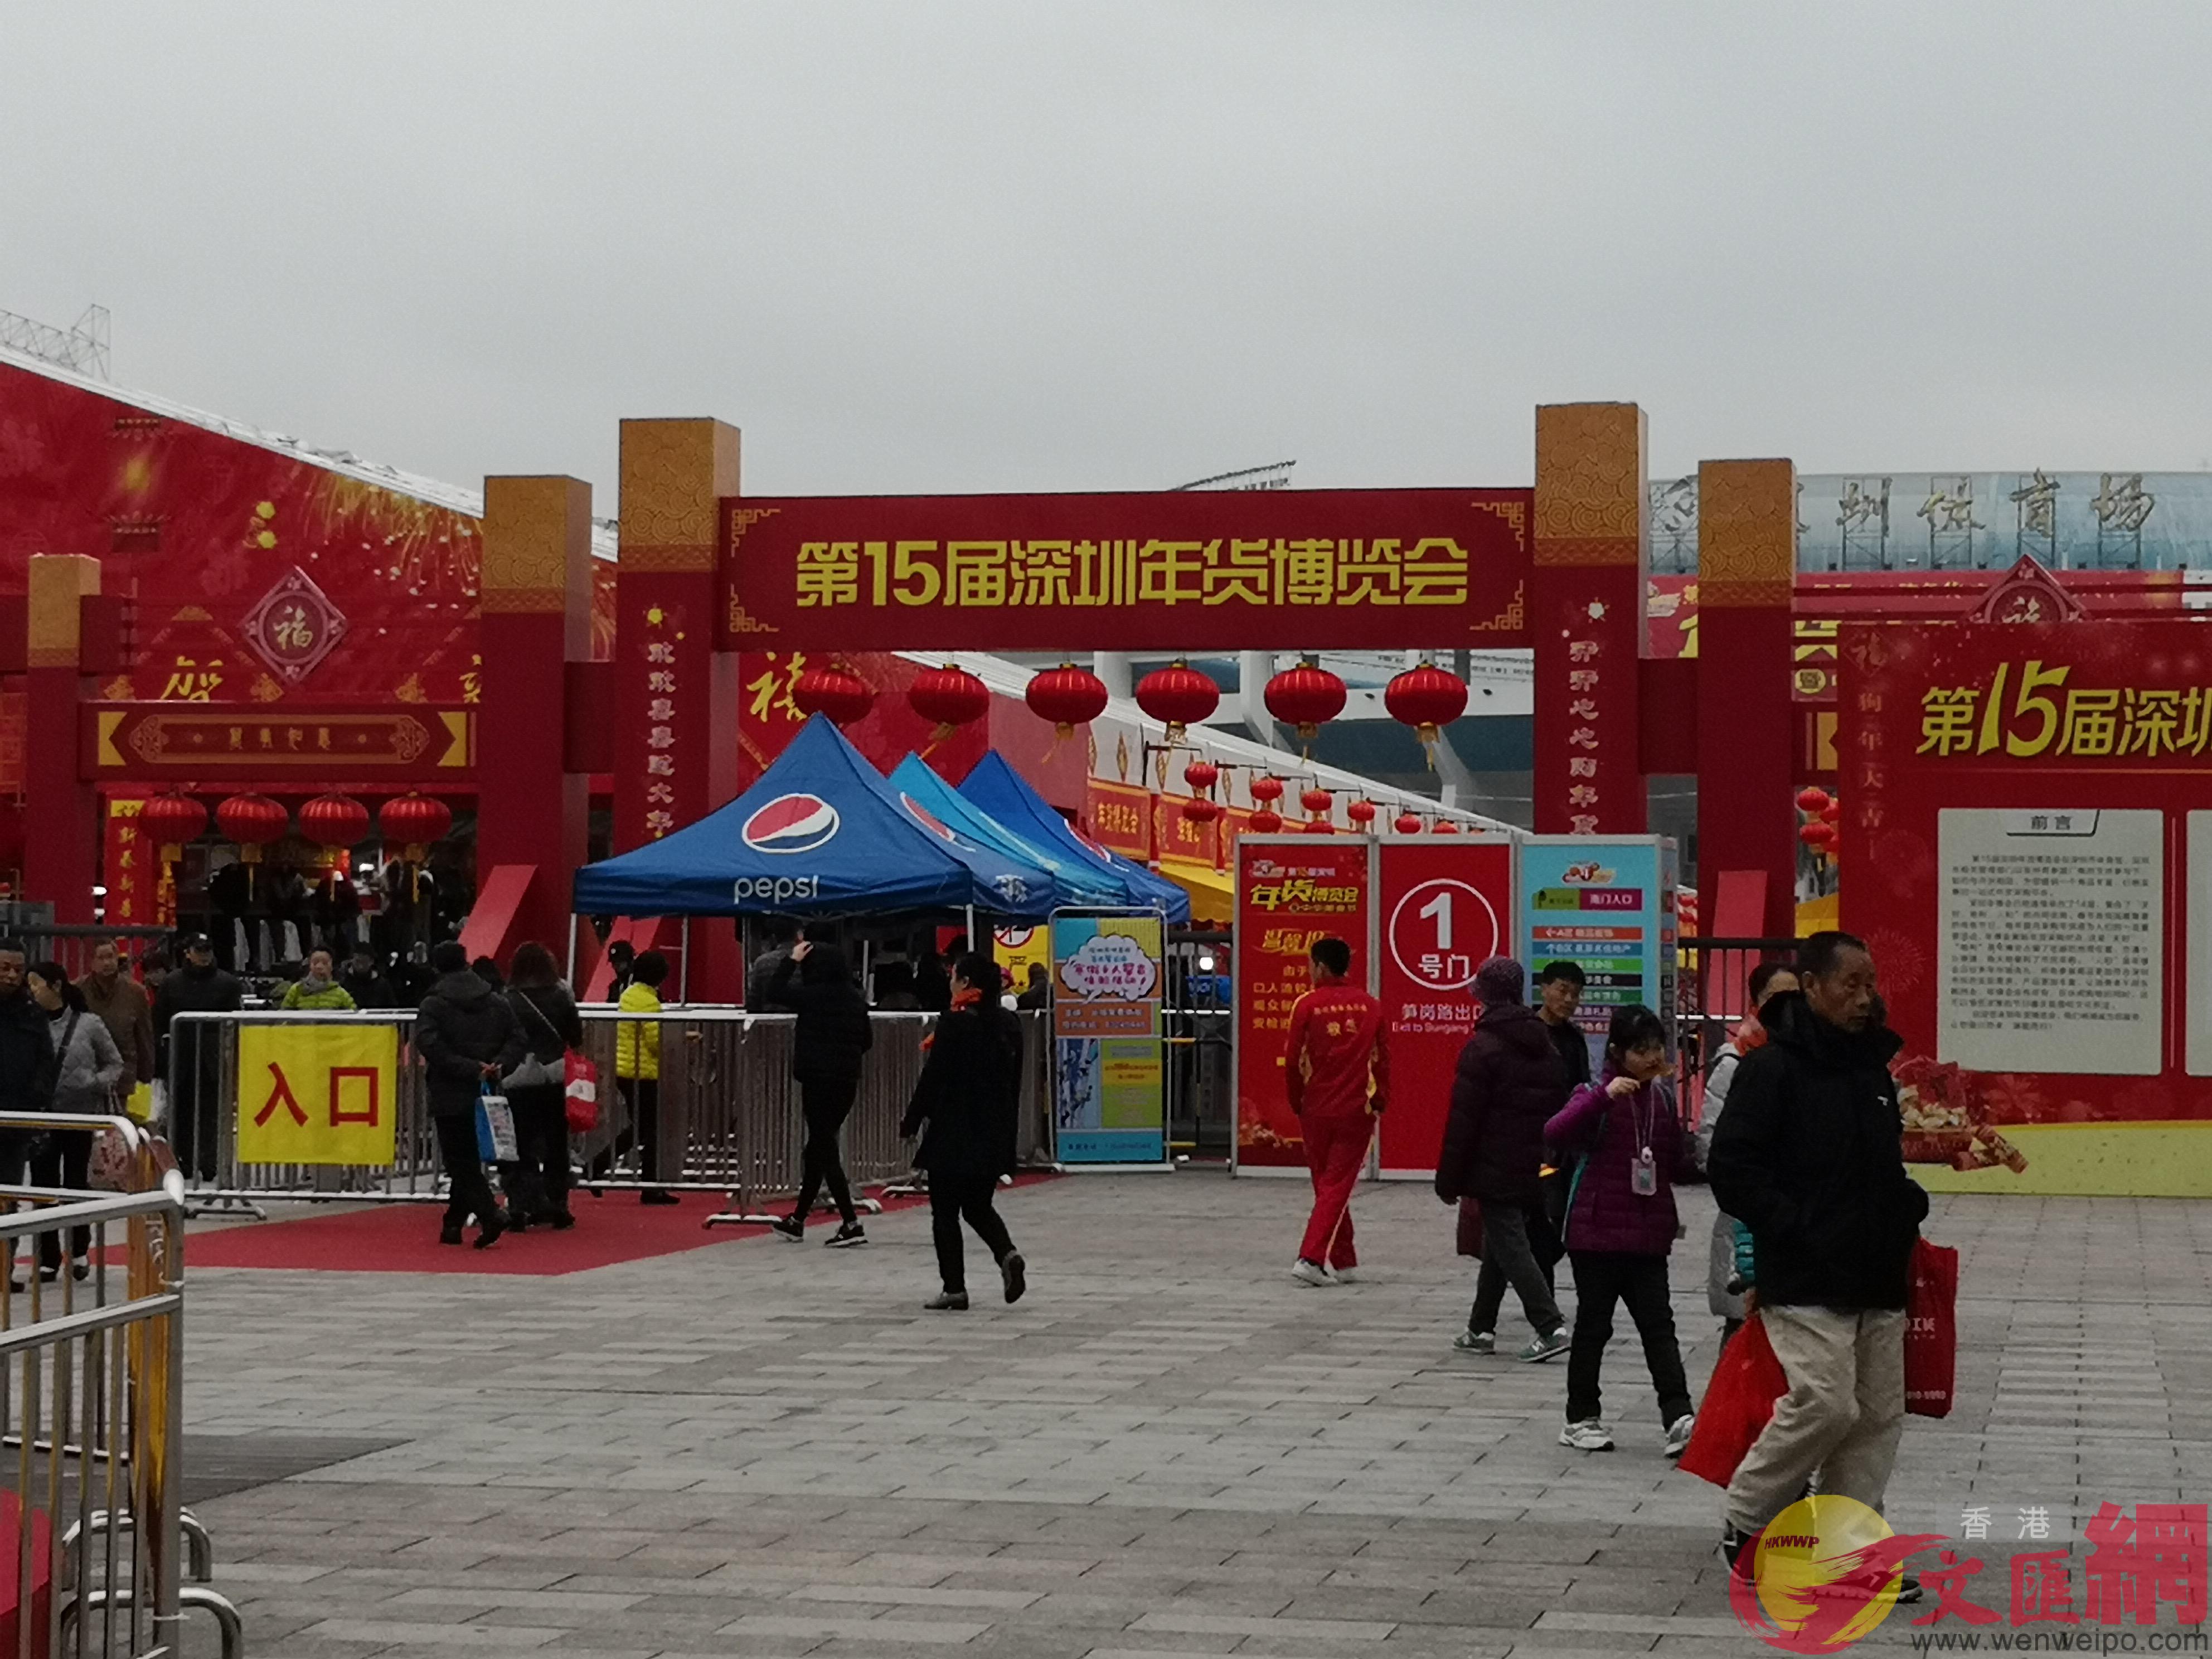 第十五屆年博會整個露天廣場都被火紅喜慶的裝飾覆蓋。 記者 郭若溪攝